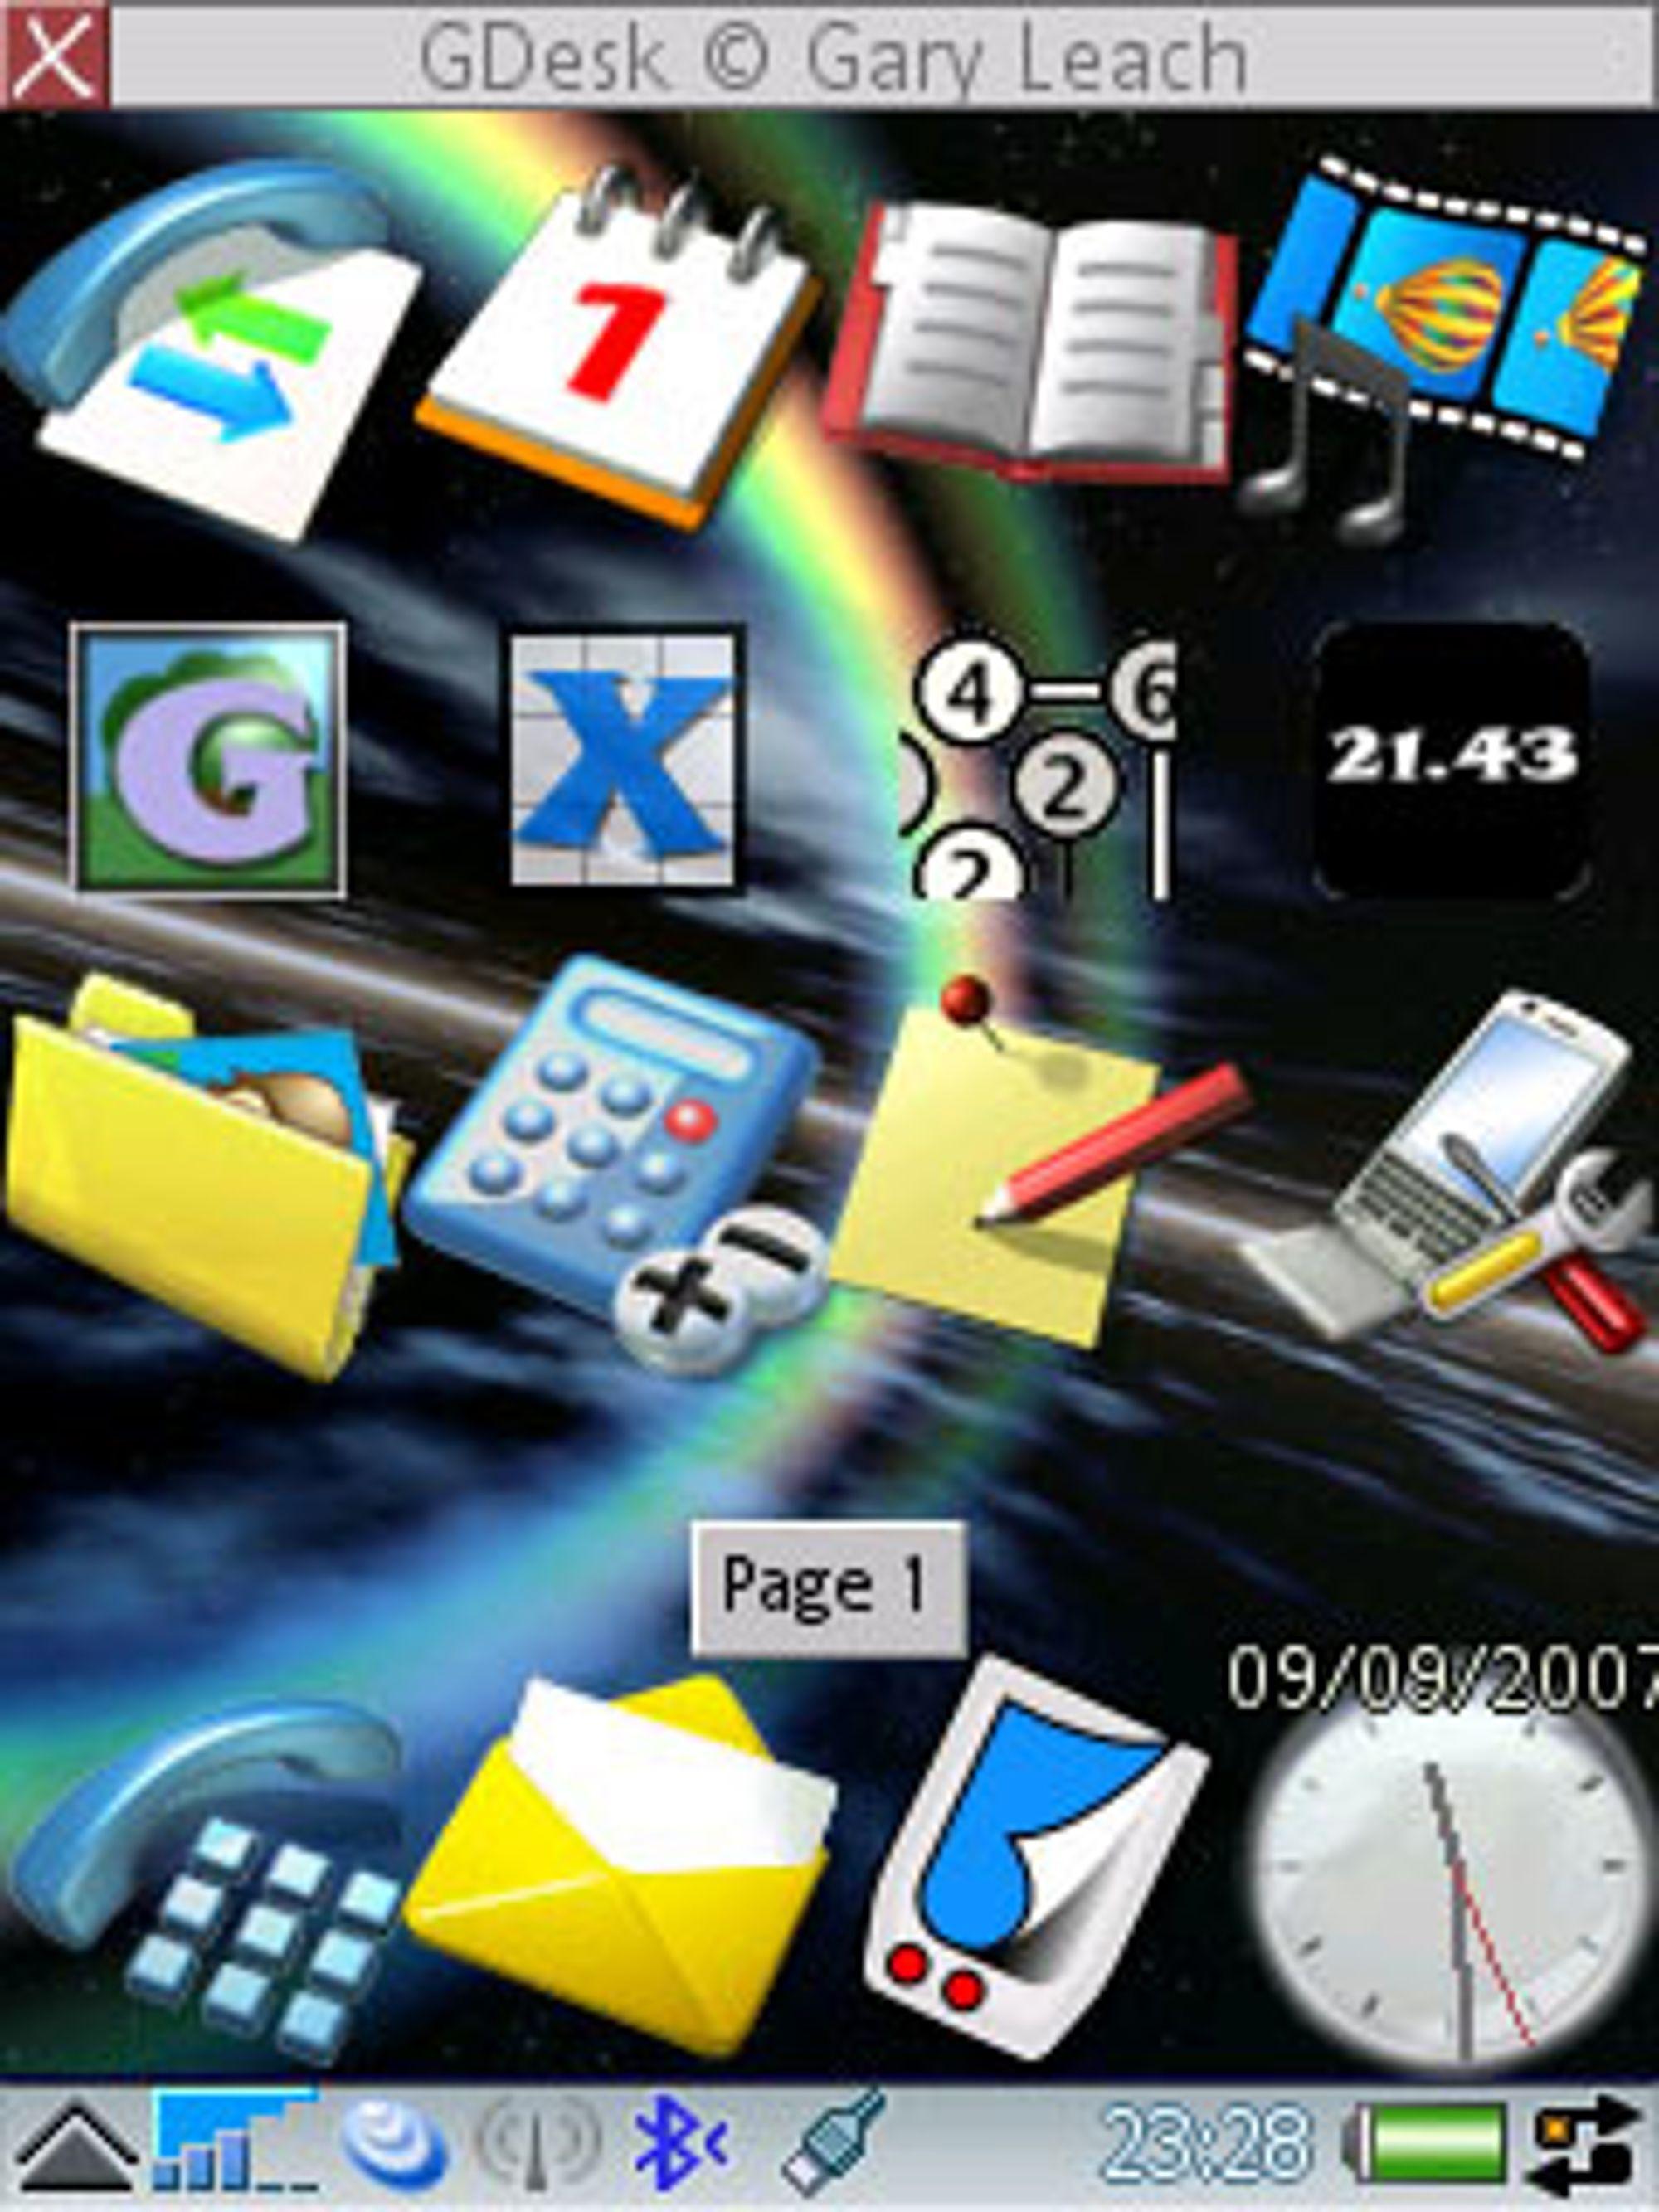 Gdesk lar deg lage nytt skrivebord på mobilen din. (Foto: My Symbian)